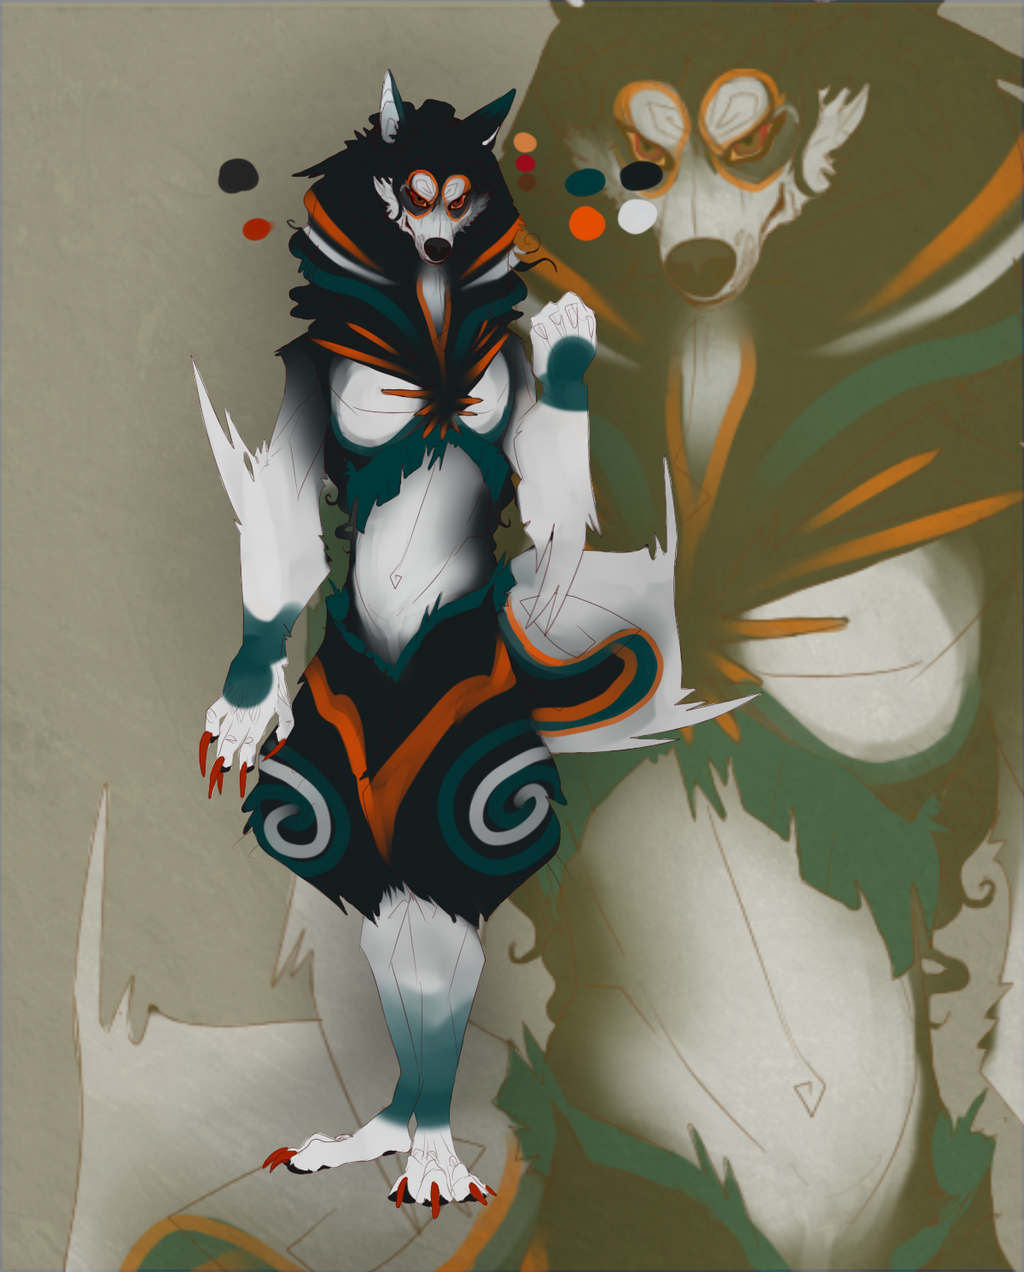 Husky-Lion Fursona Design by azaskal